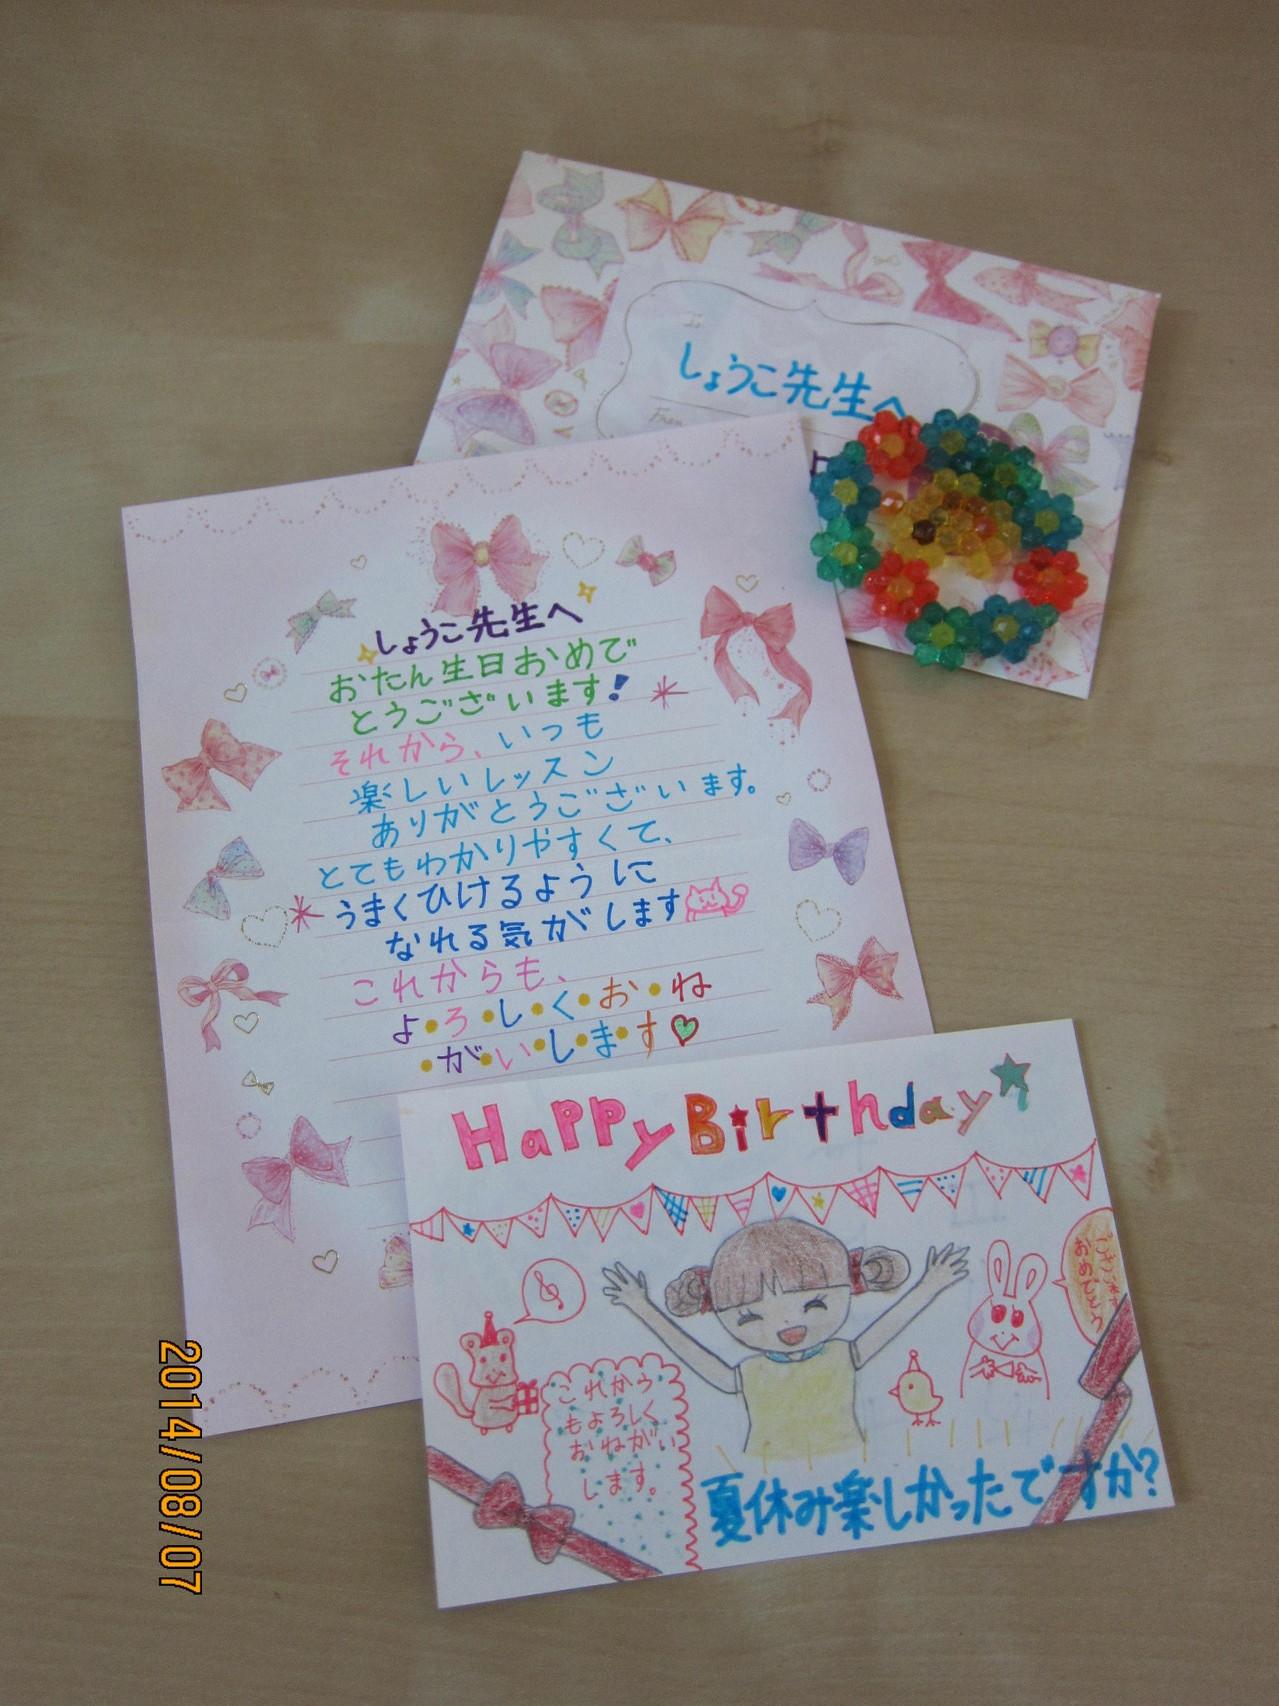 お誕生日プレゼントにもらった手紙とカード♪